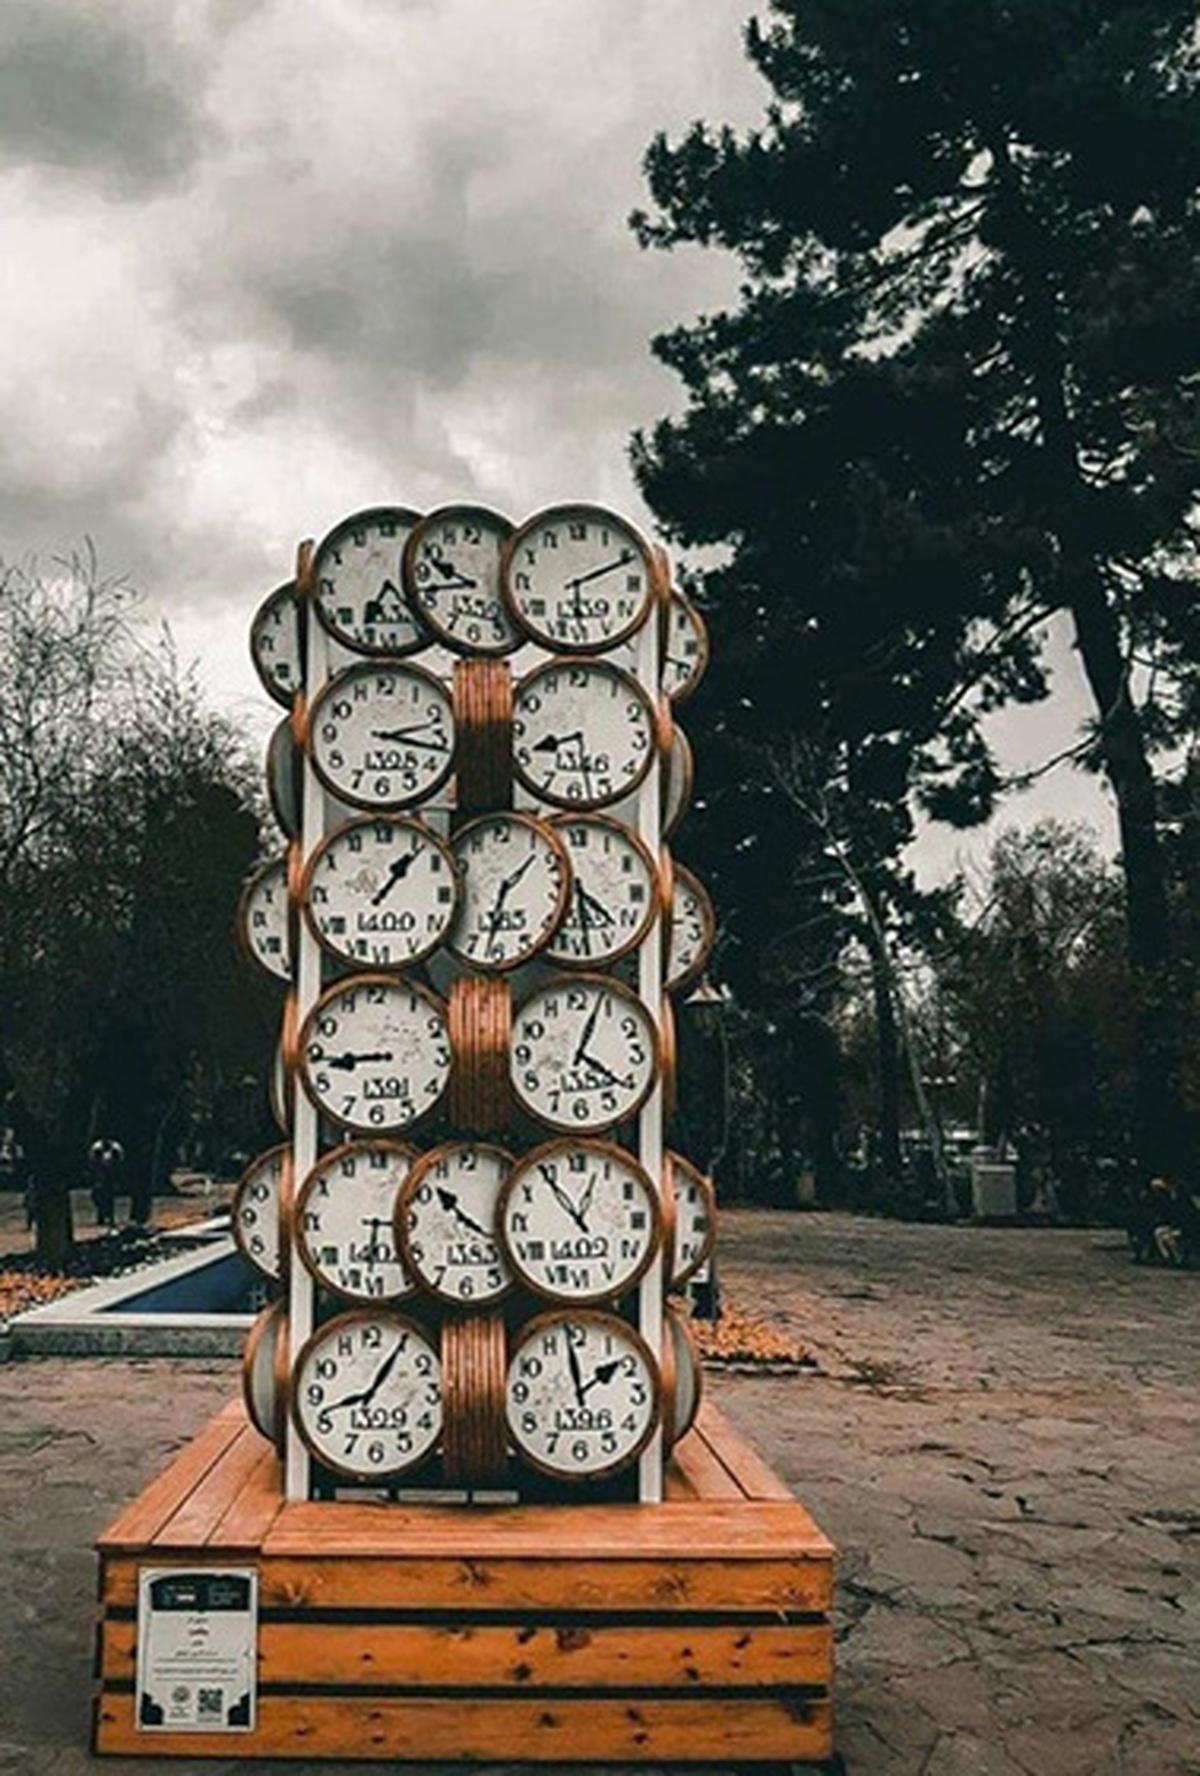 اِلِمان نوروزی ساعت در شهر مشهد| شهرداری مشهد و المان نوروزی ساعت+عکس